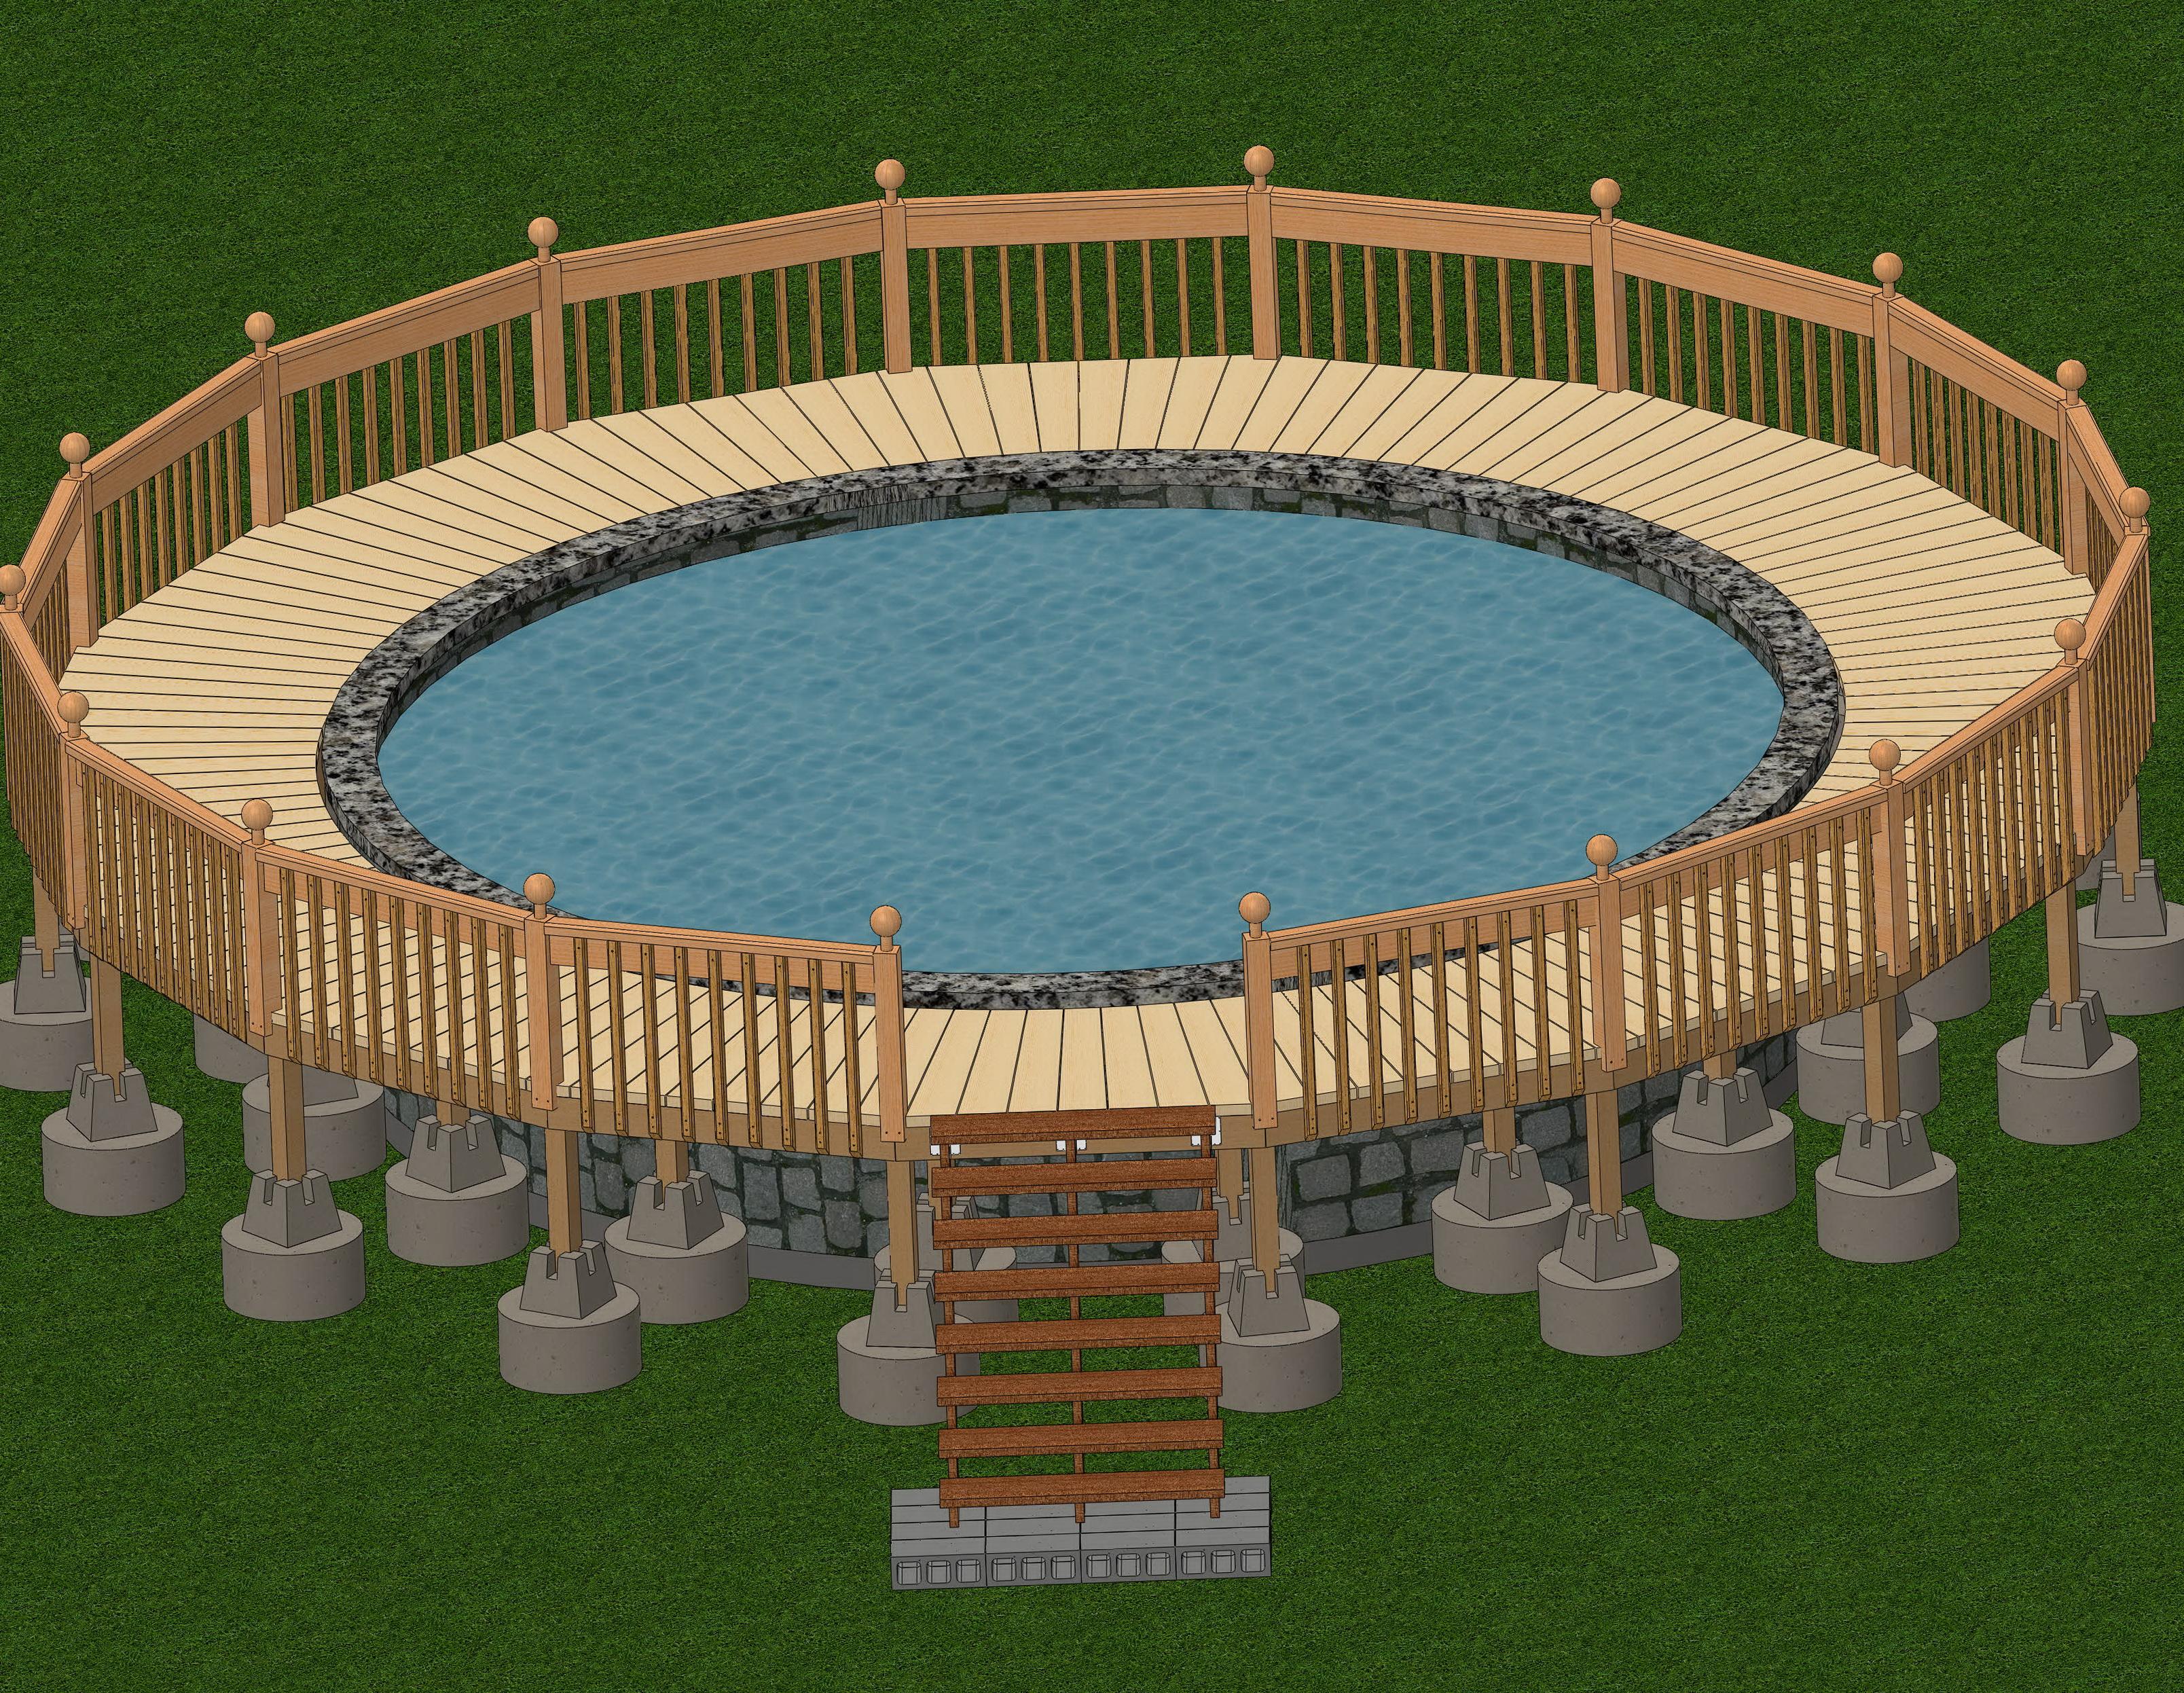 Building A Pool Deck Plans